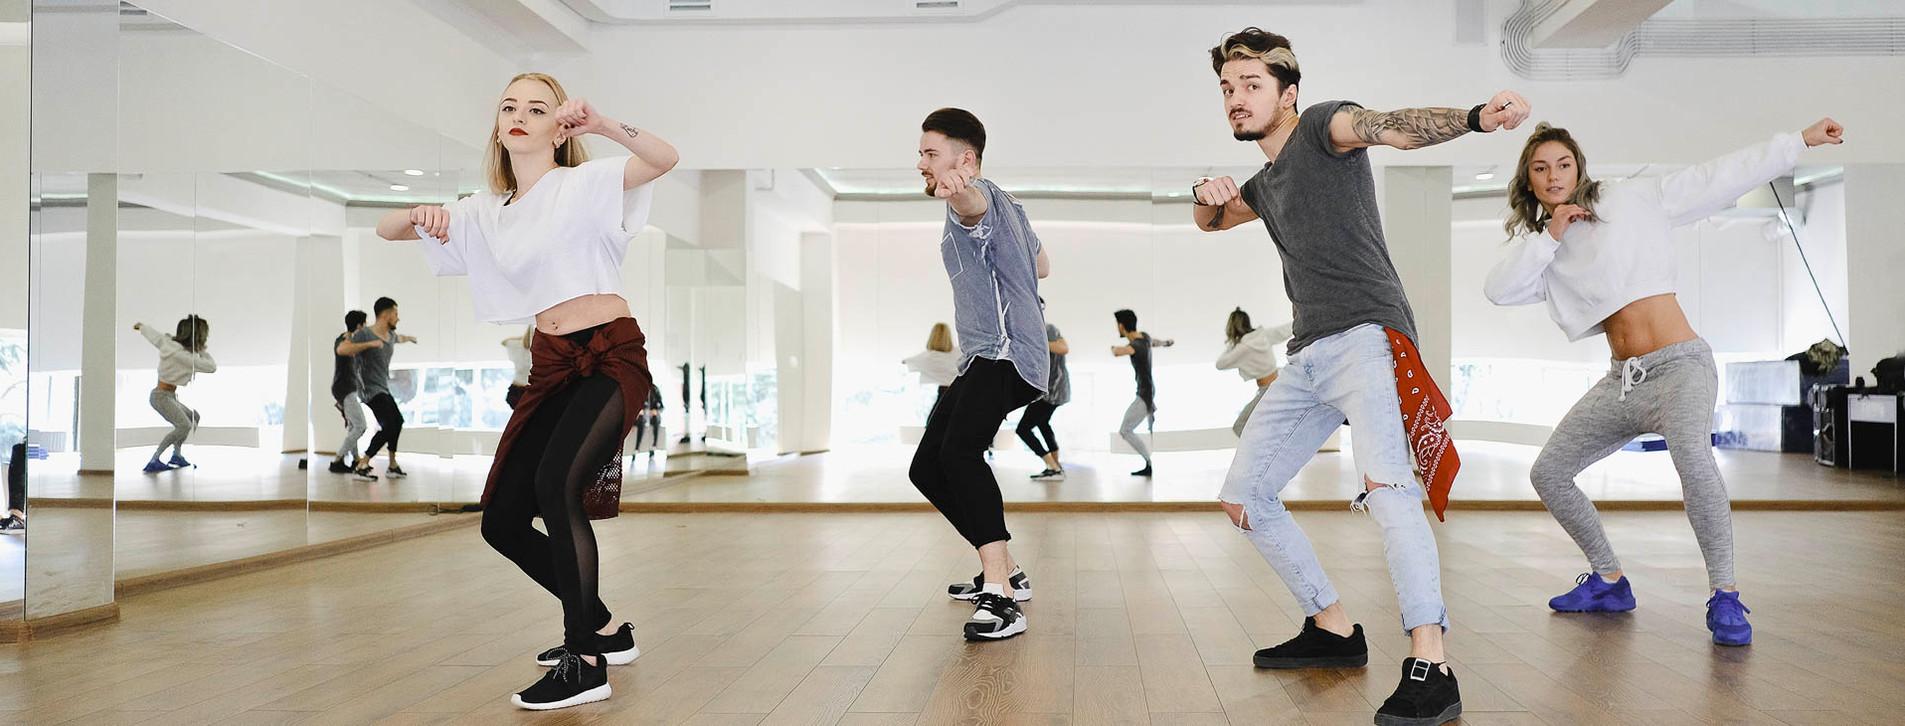 Фото 1 - Абонемент на танцы в D.Side Dance Studio